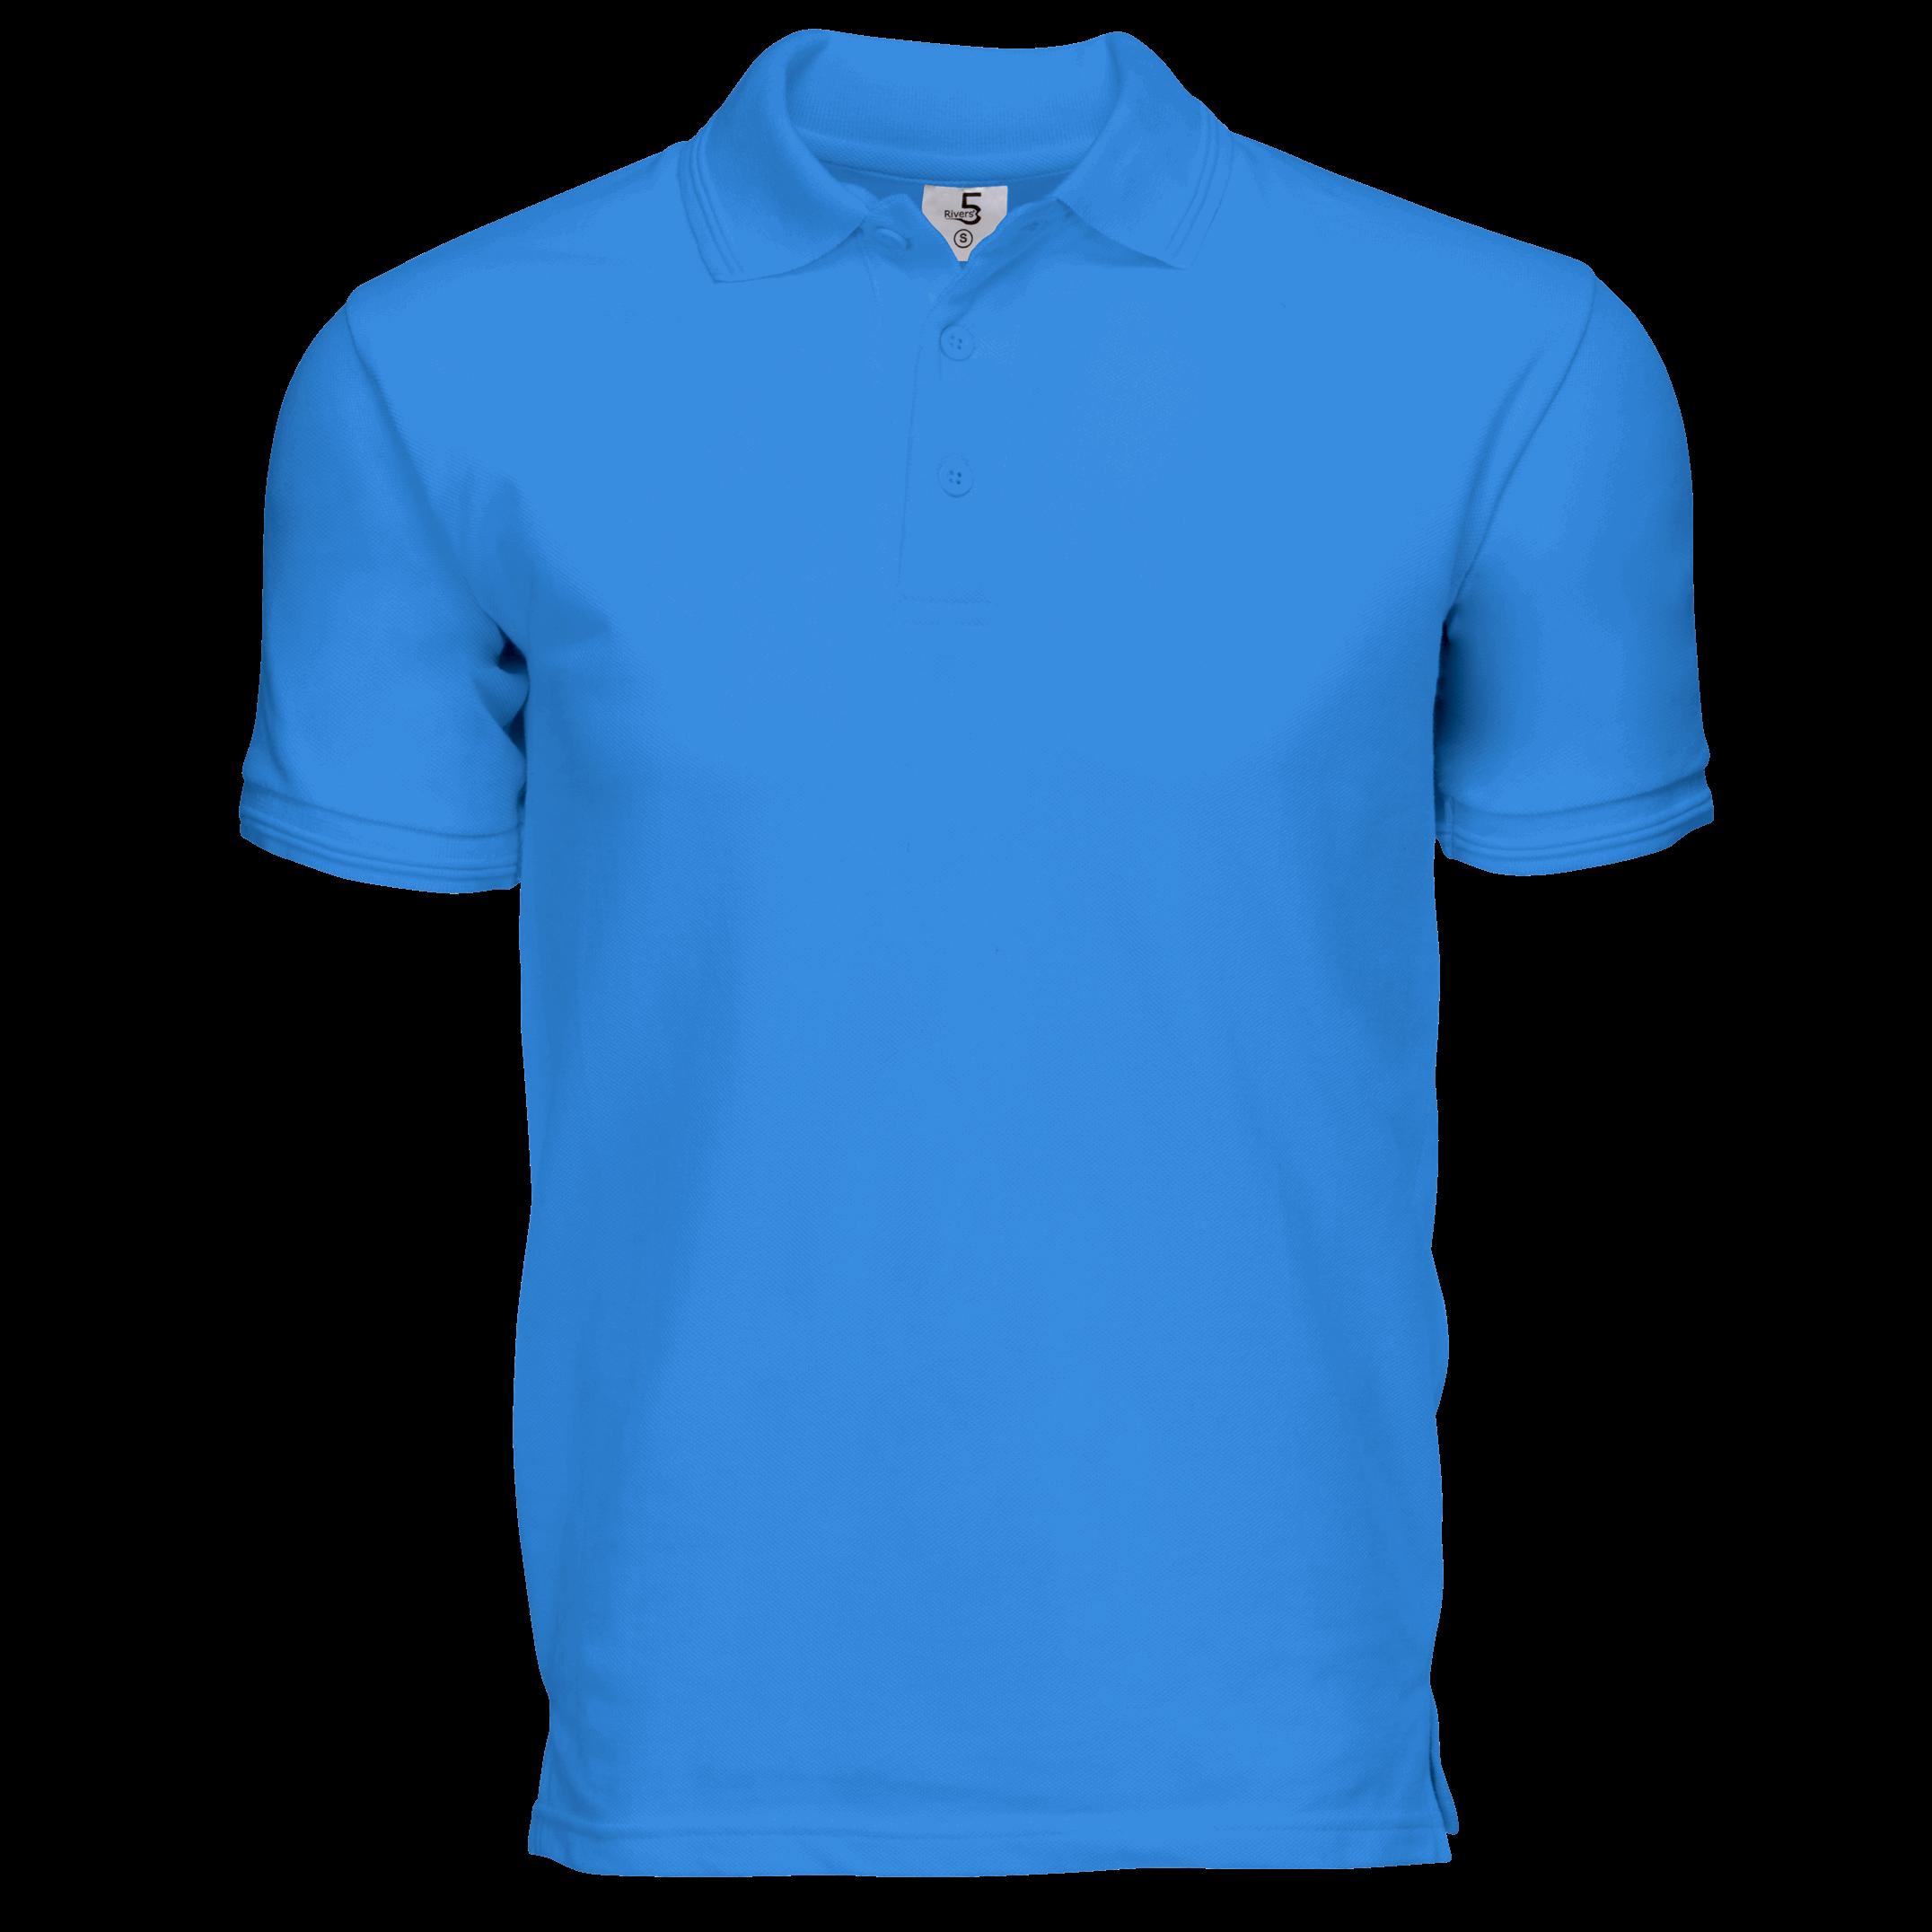 Pique Cotton Blue